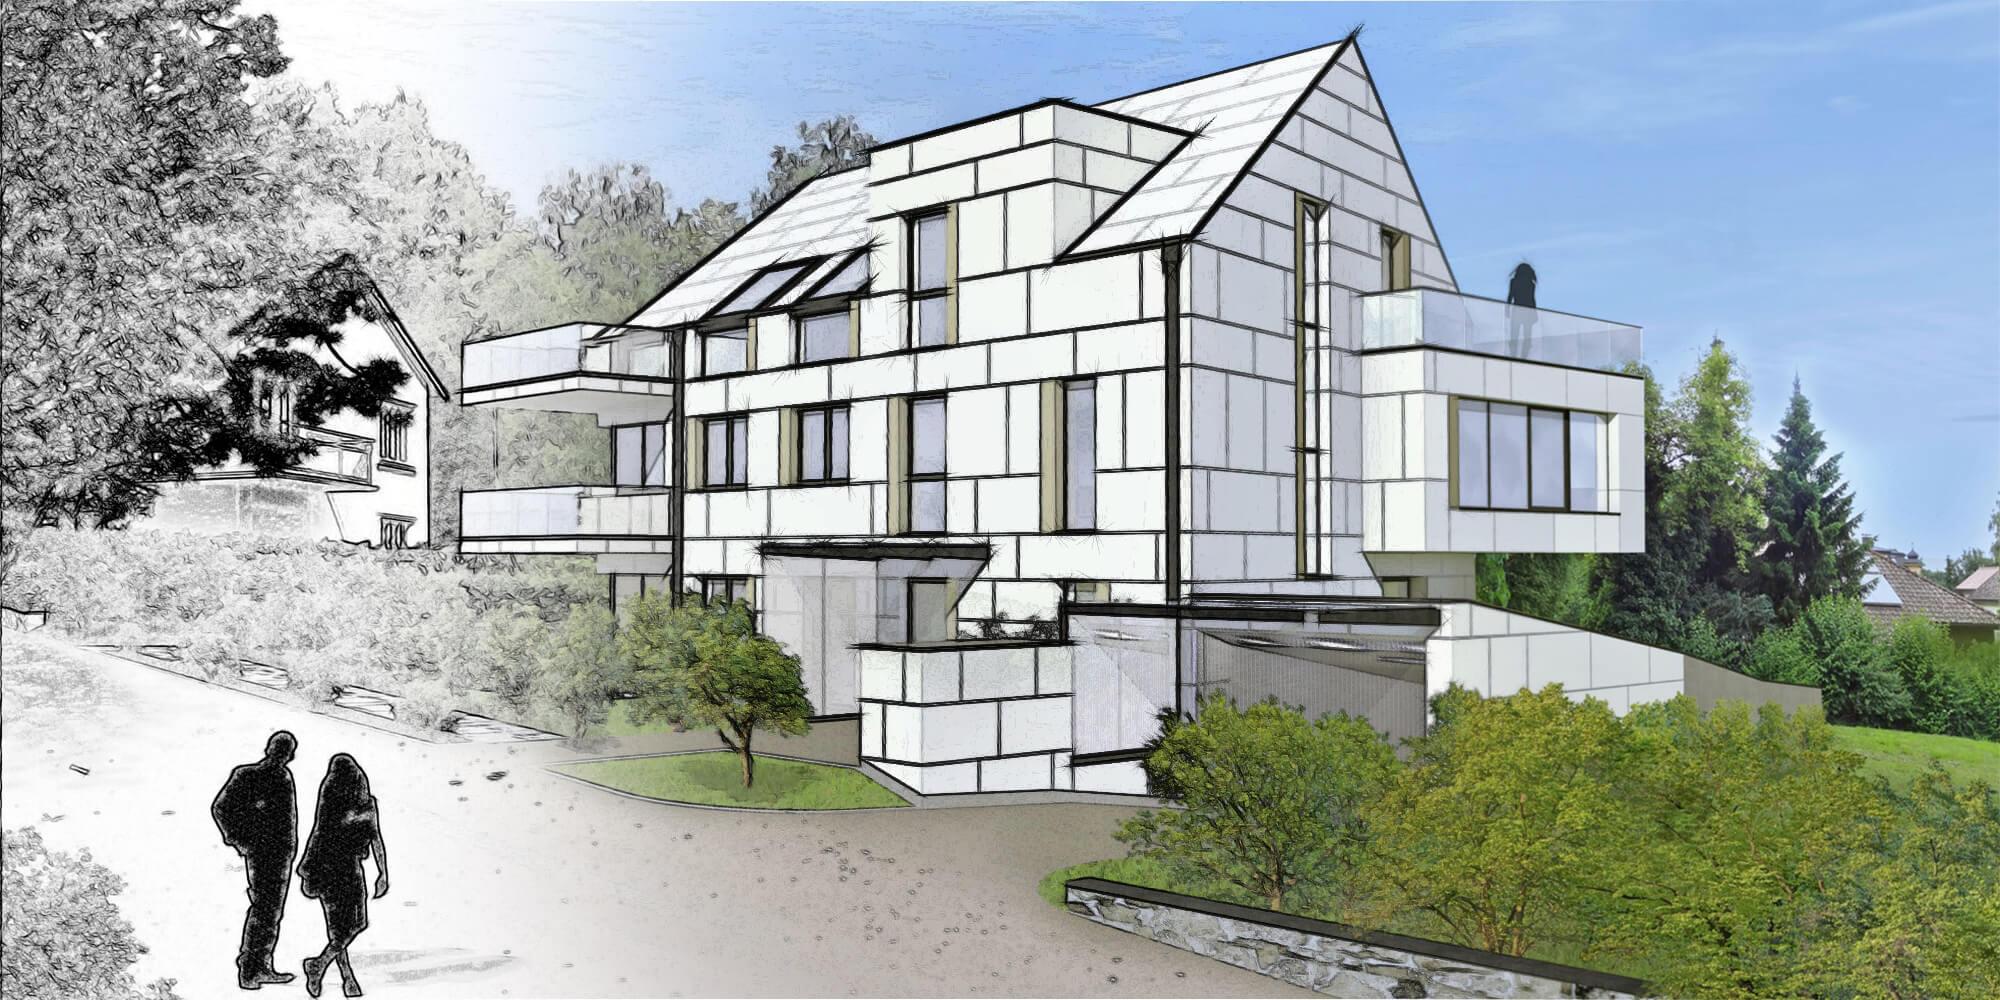 Cre-Plan-Design-Architektur-Innenarchitektur-Design-Rauch-Frühmann-Wohnbau